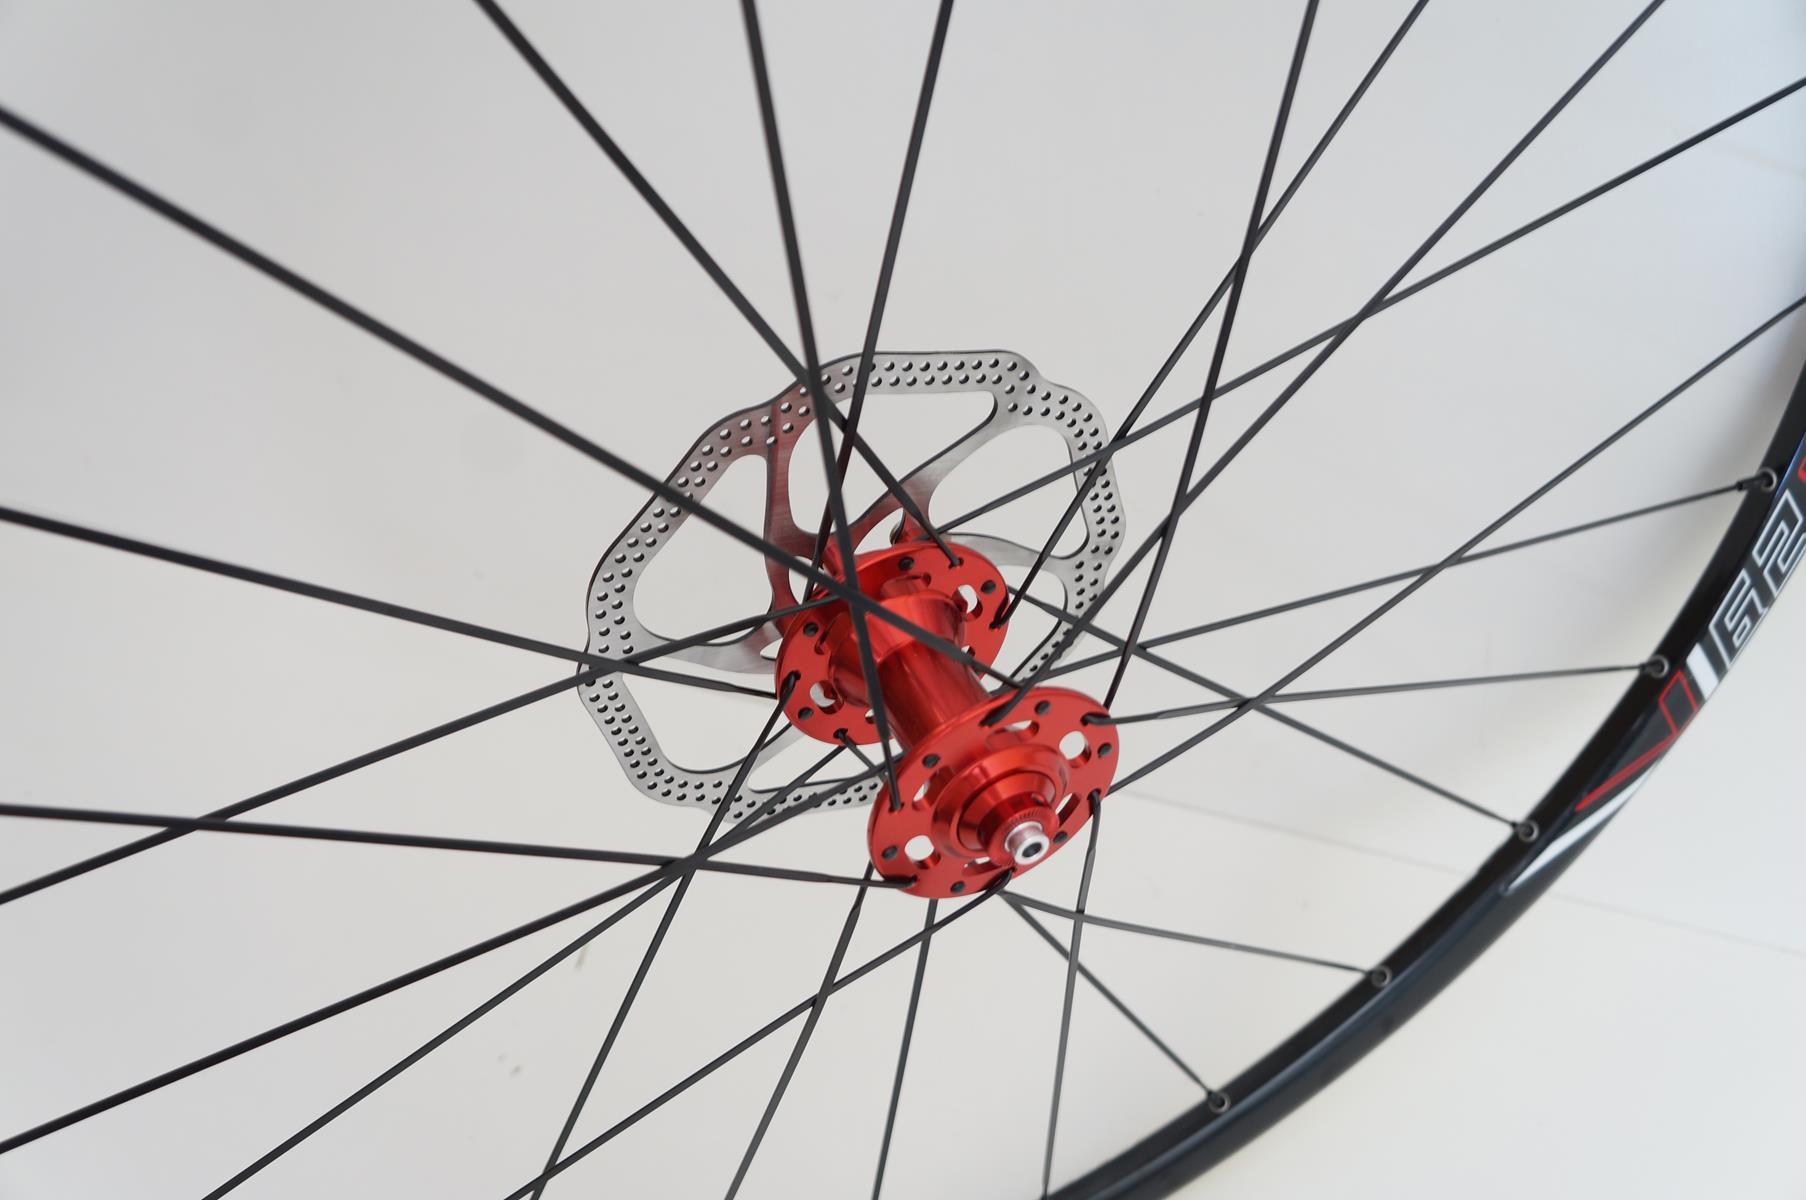 Rodas Vicinitech Xc 1550 Disc Aro 29 Alumino Eixo 9 Preta com Cubo Vermelho